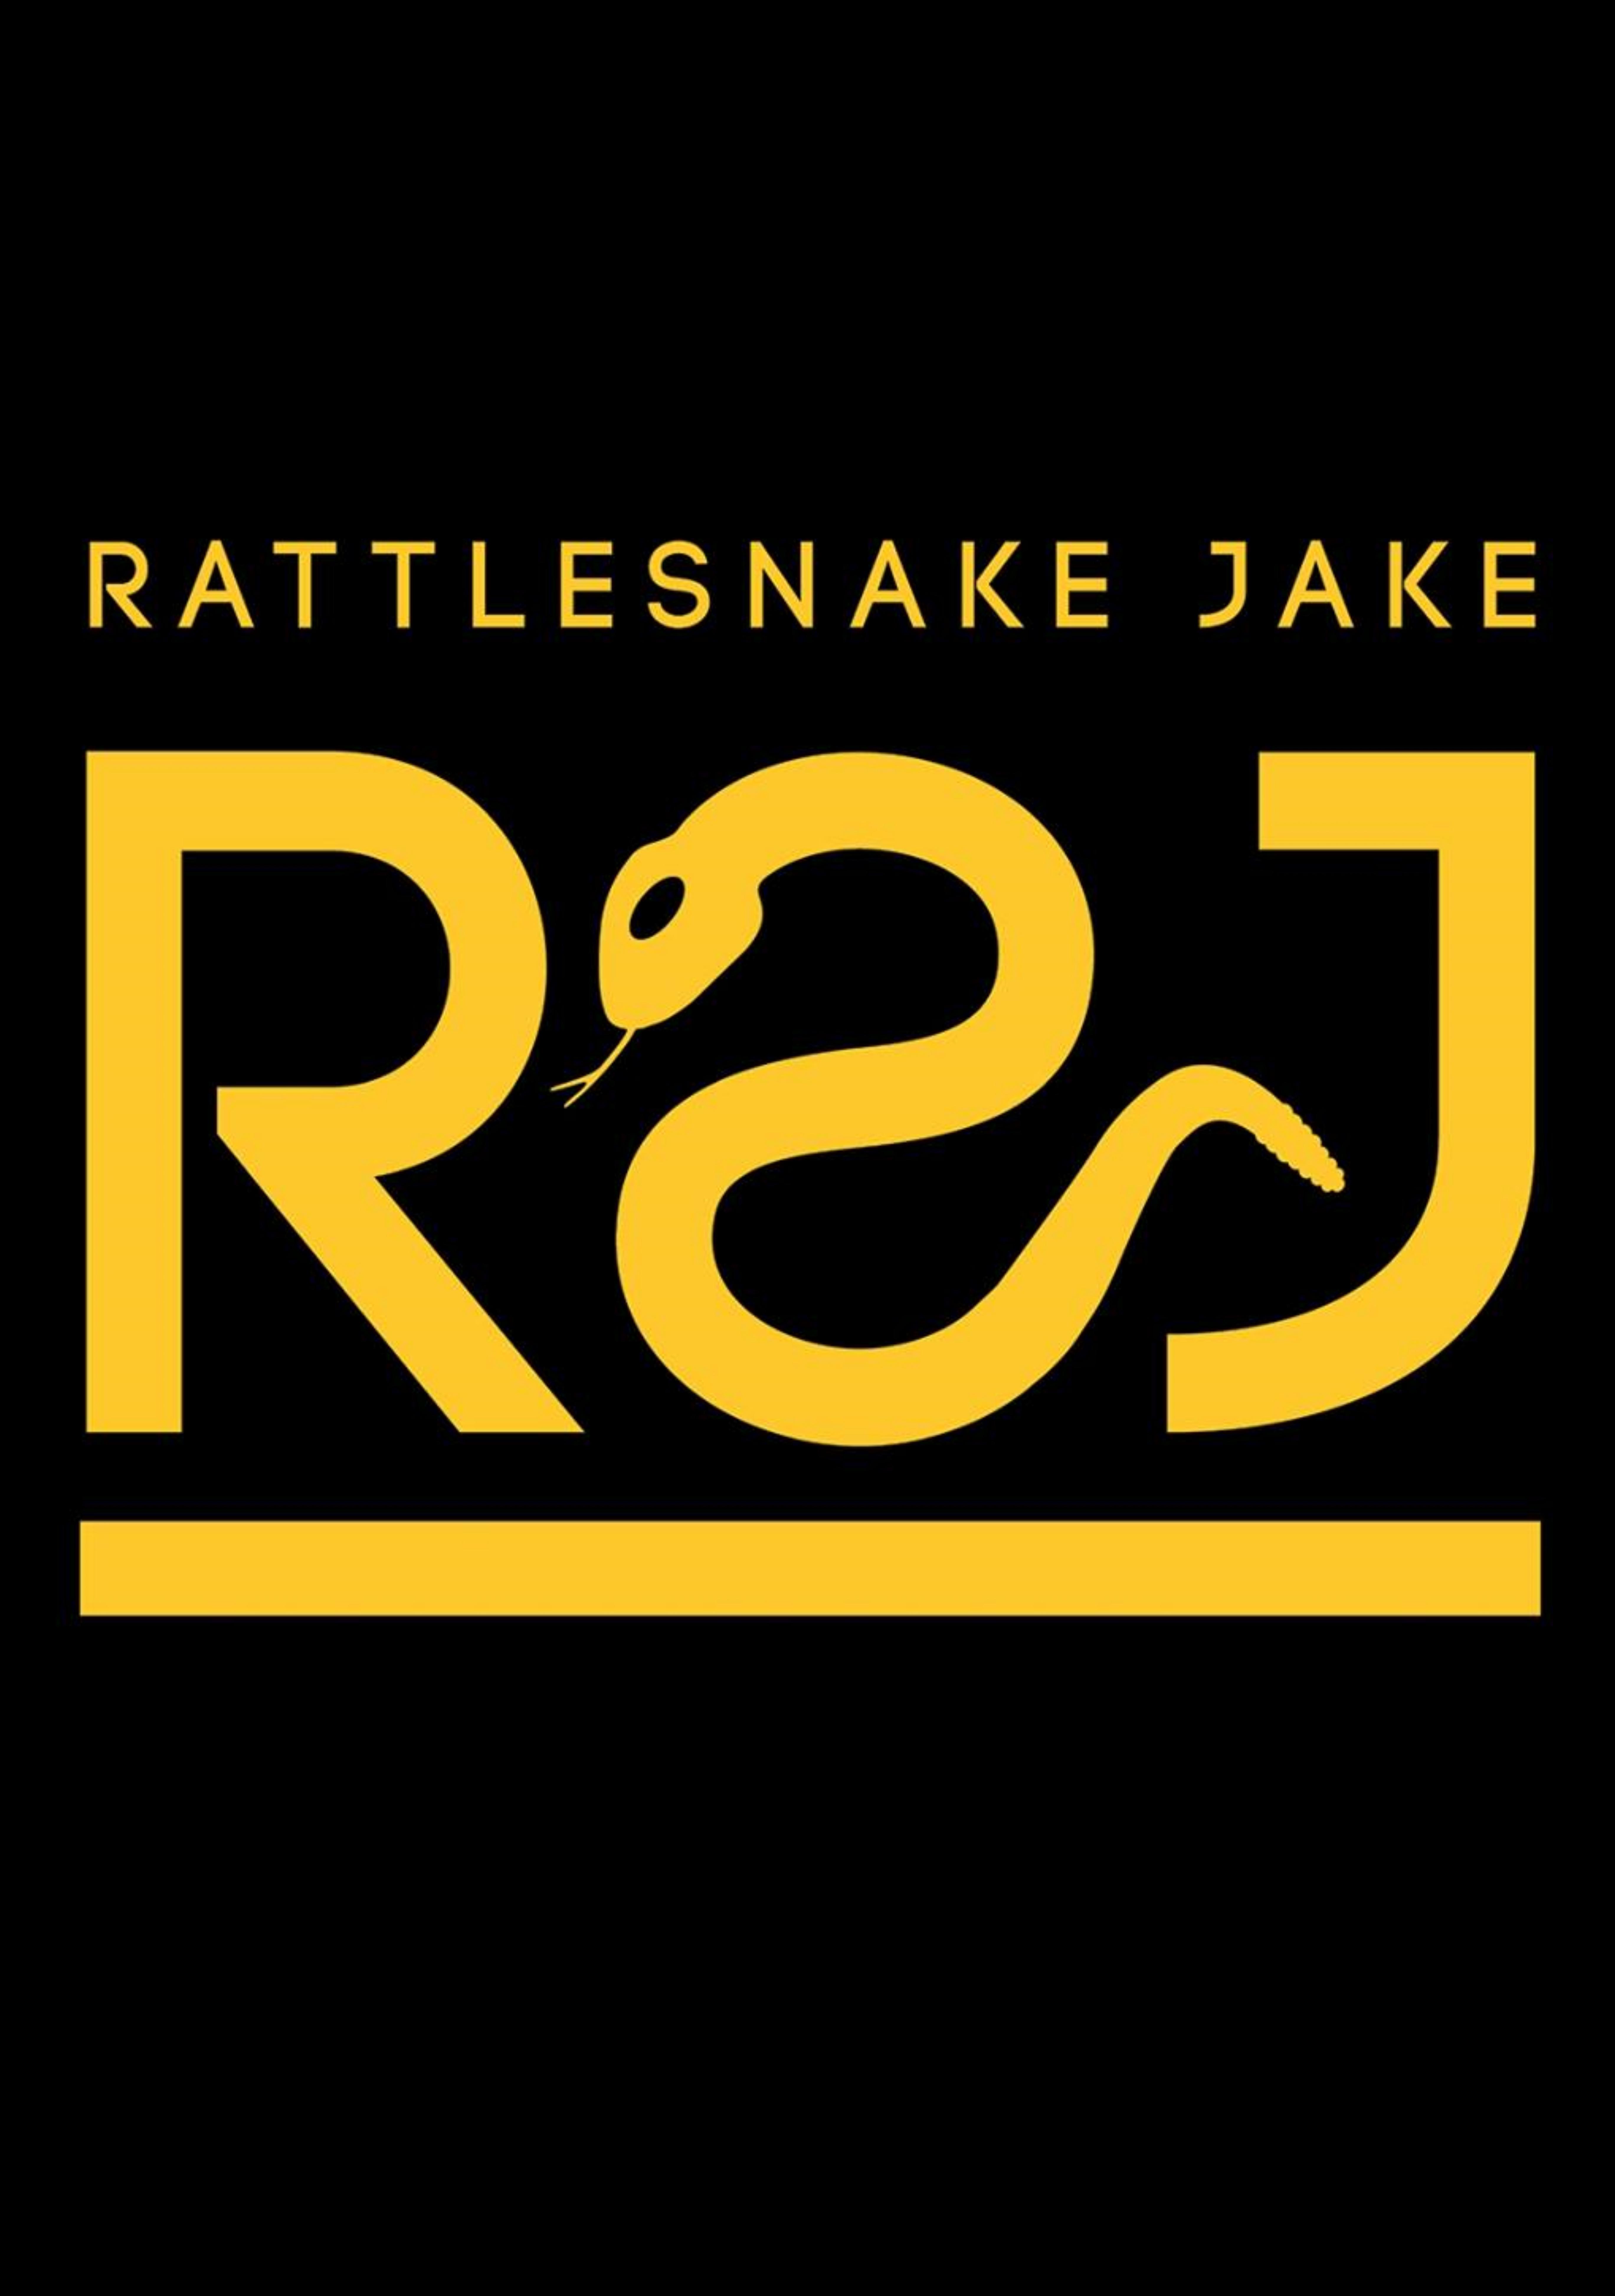 Rattlesnake Jake 1